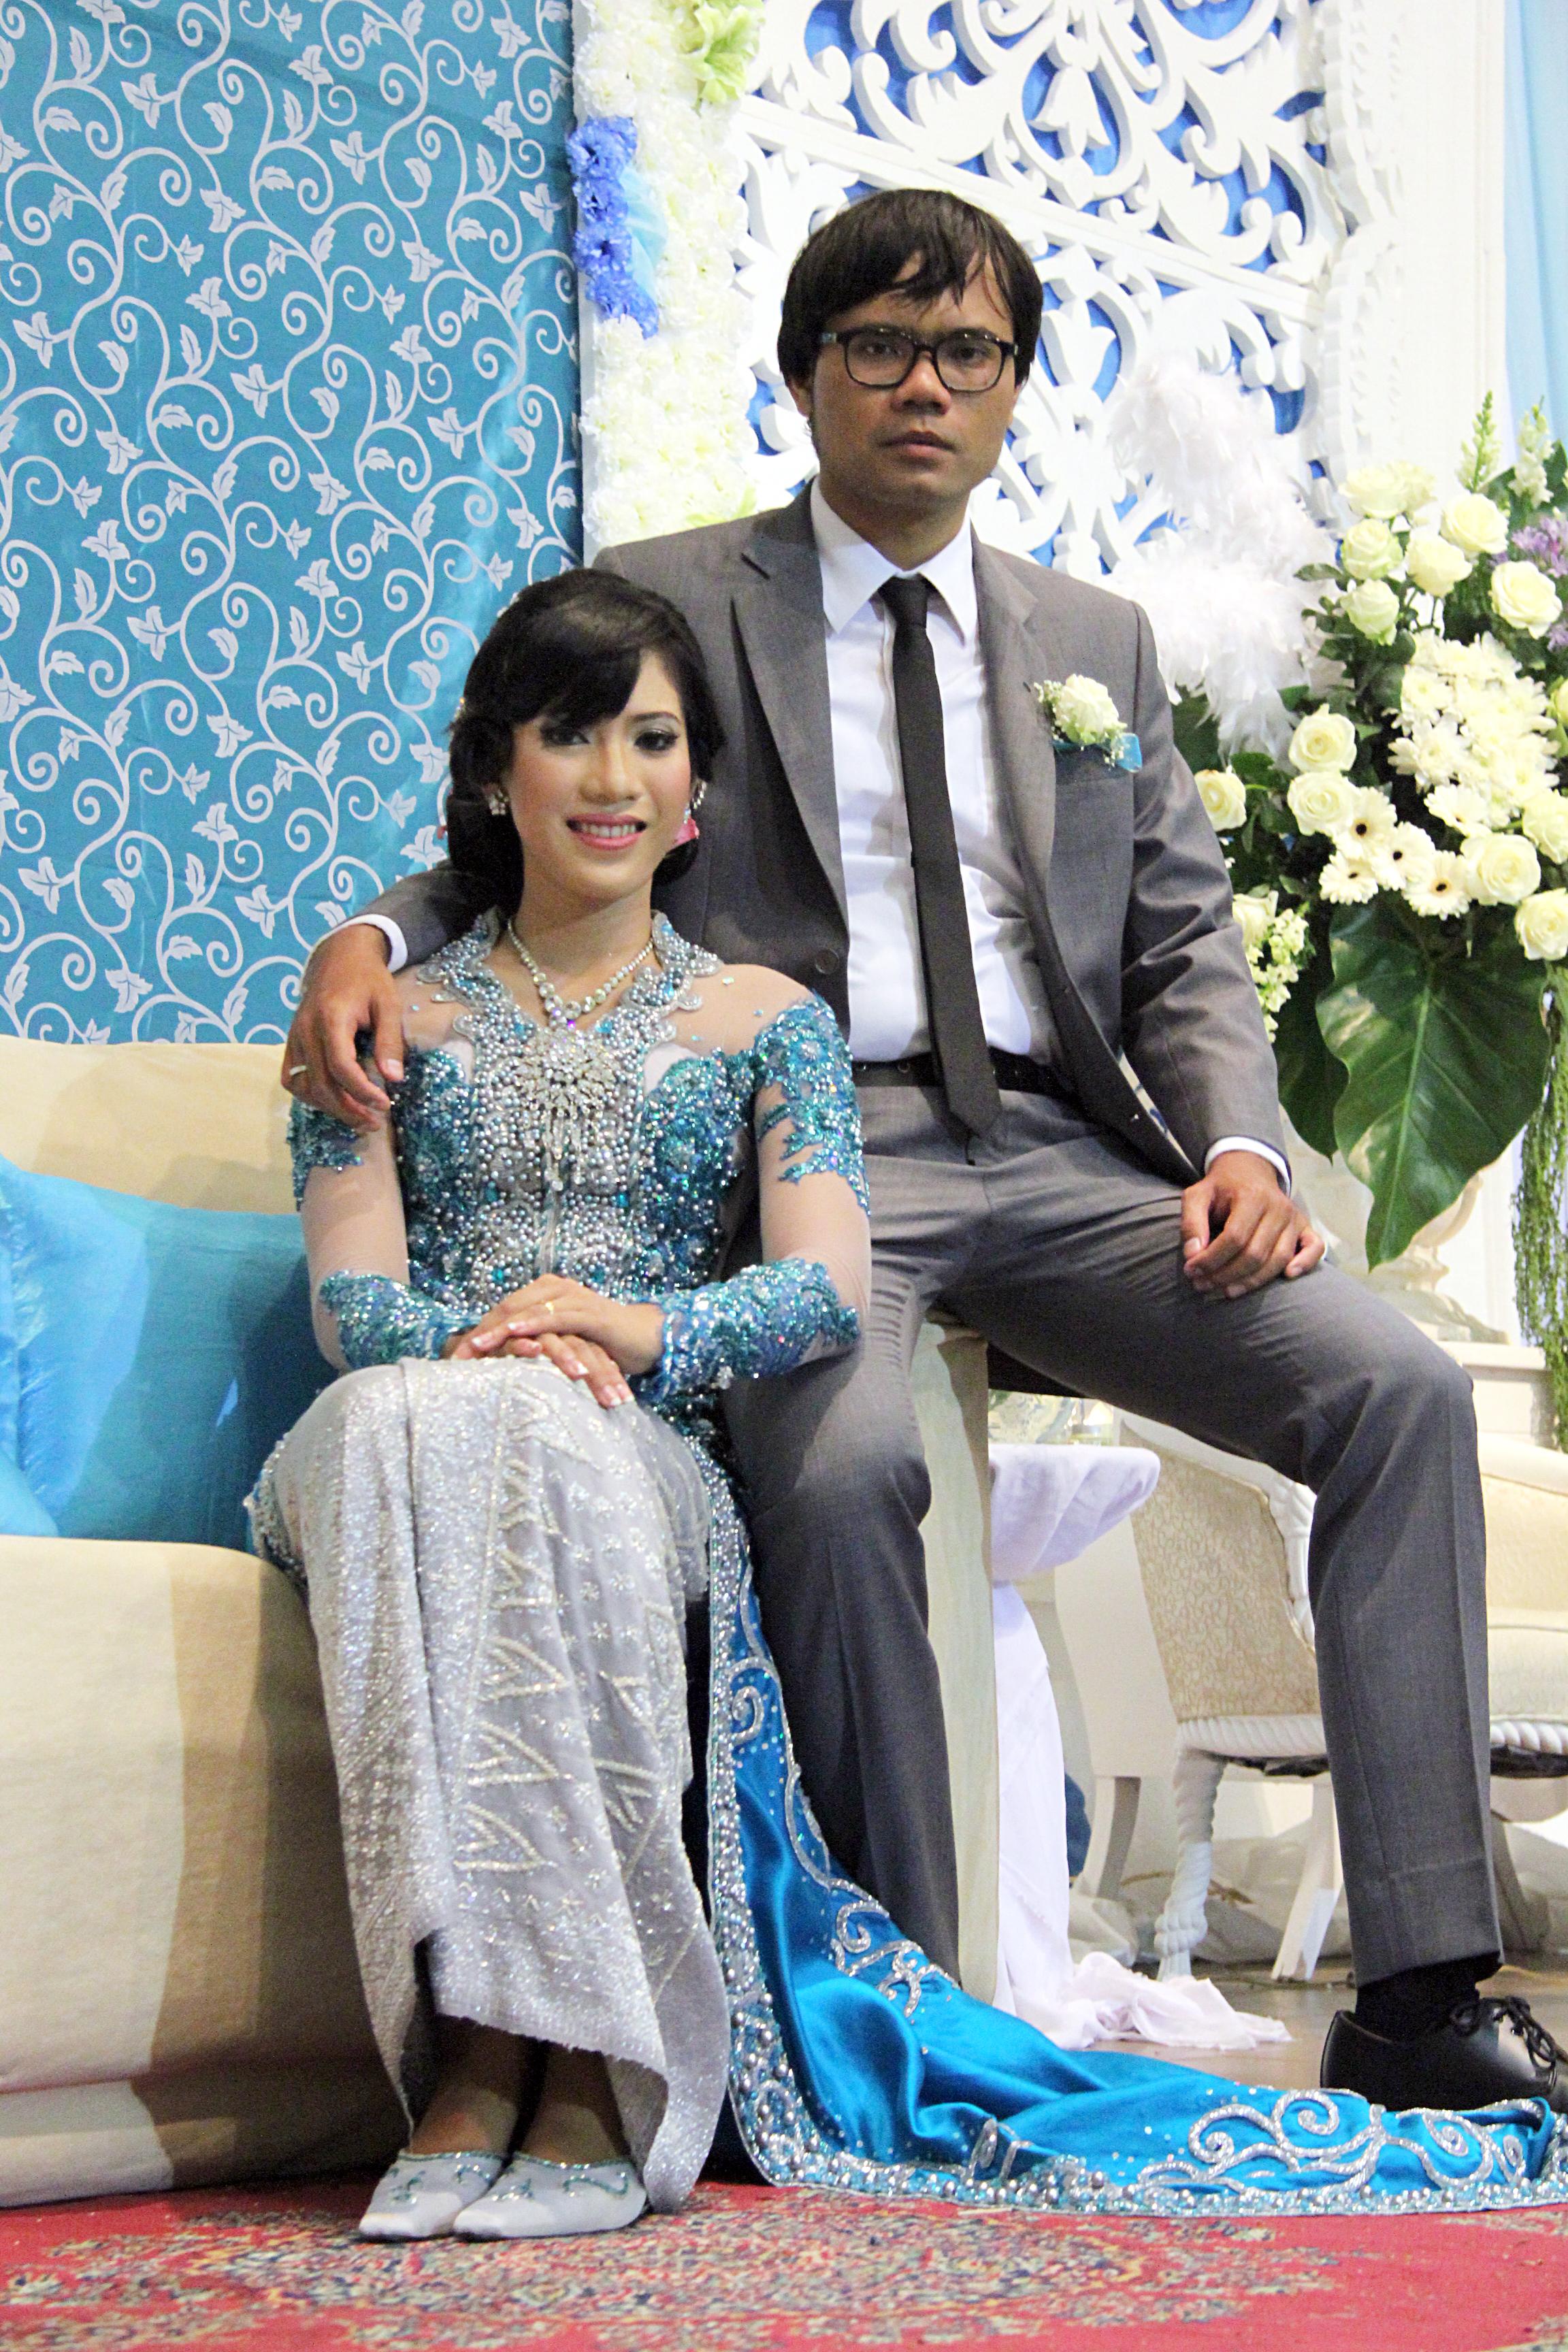 Selamat Ulang Tahun Pernikahan Istriku Celoteh Soleh